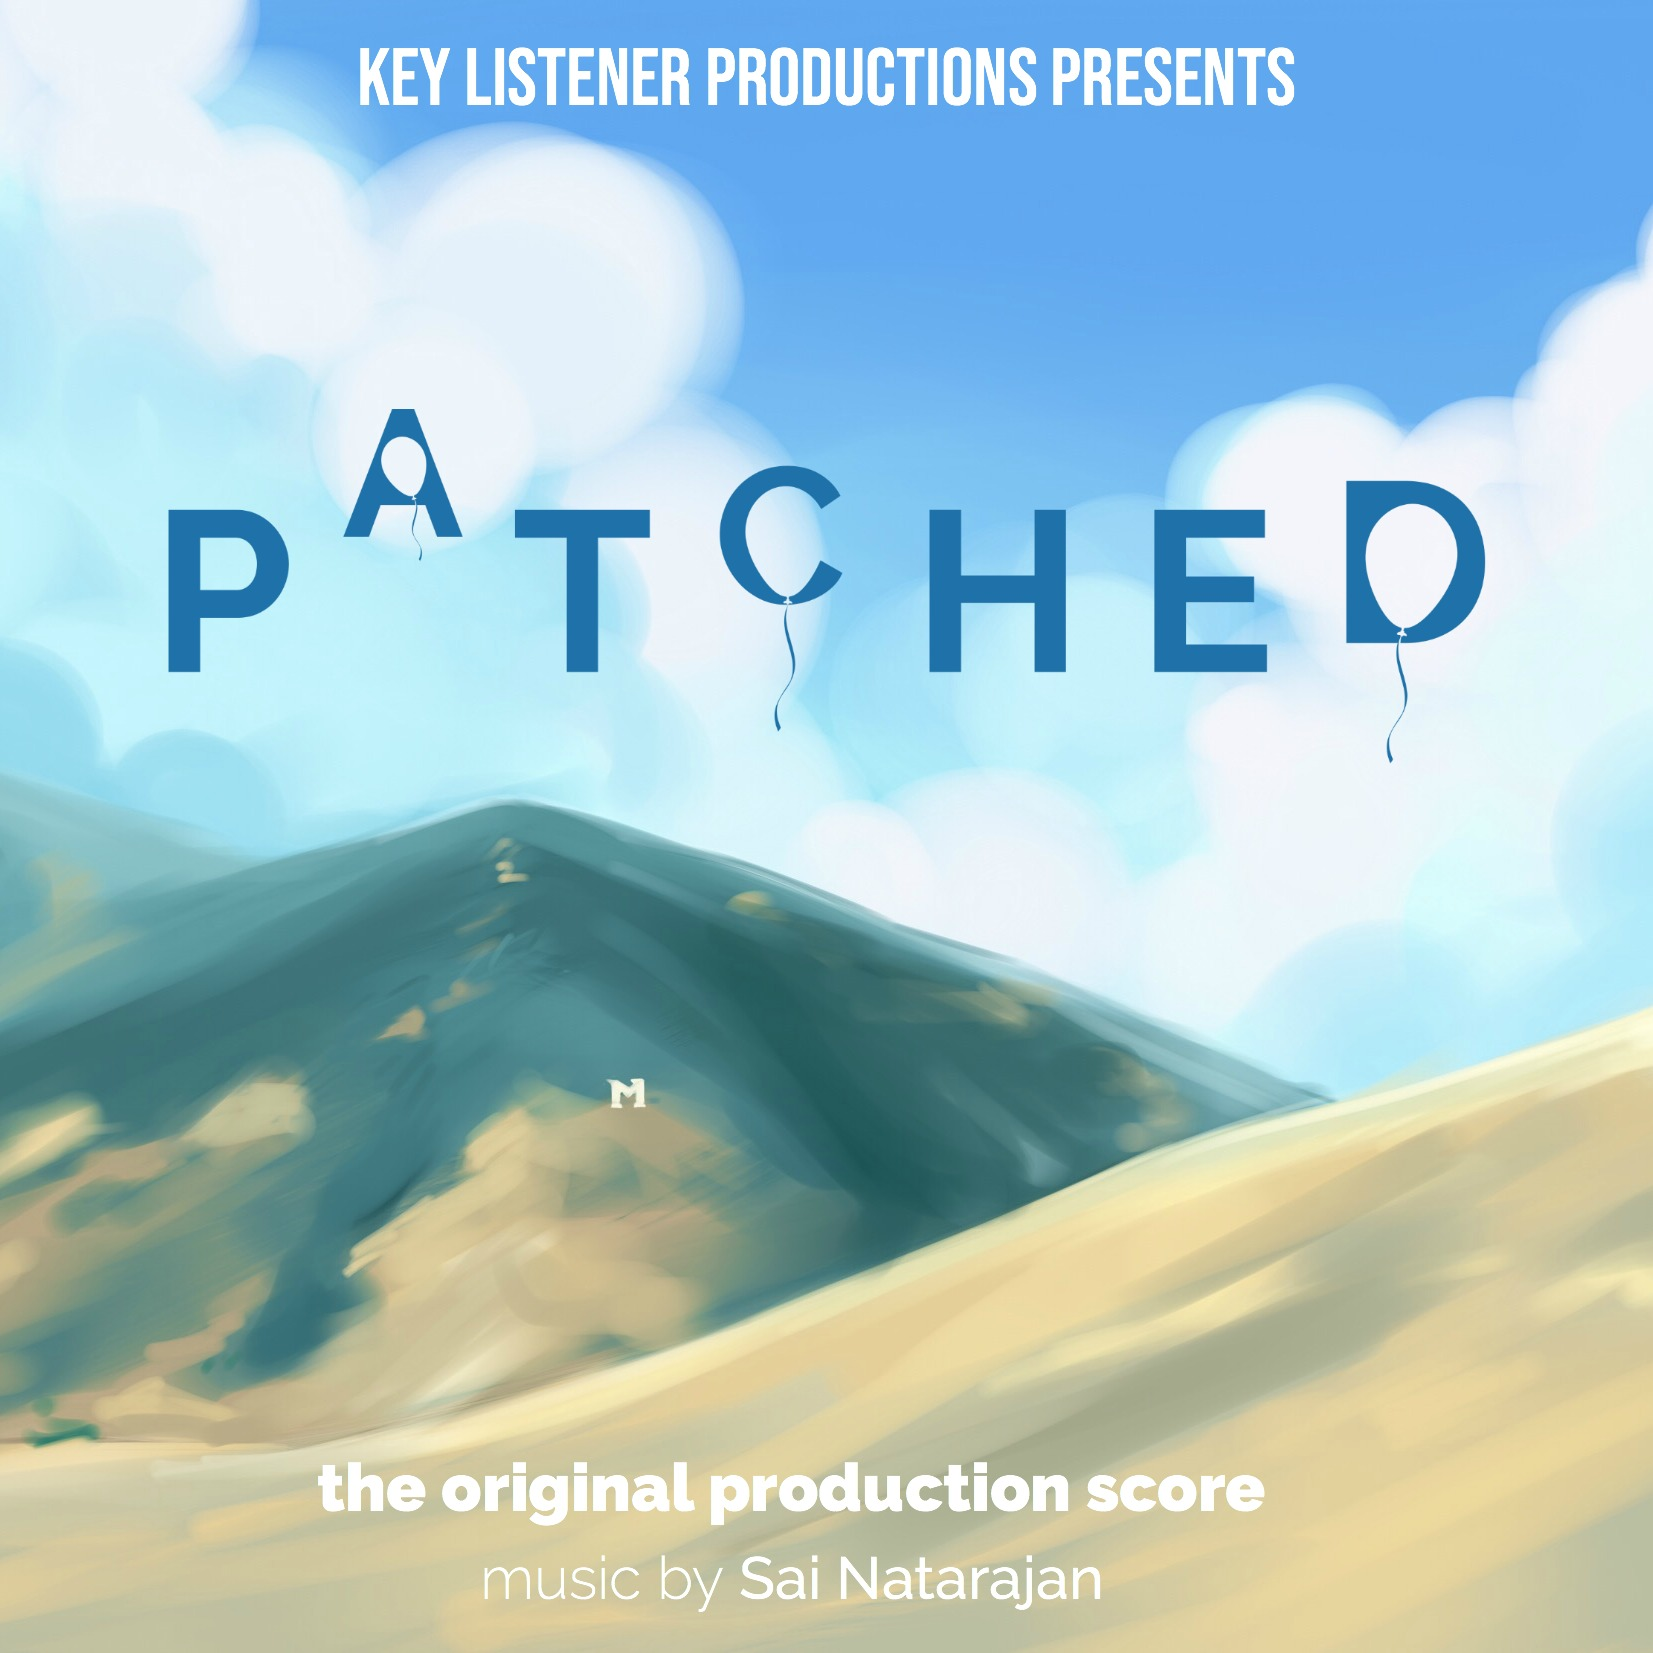 Patched Score Album Art